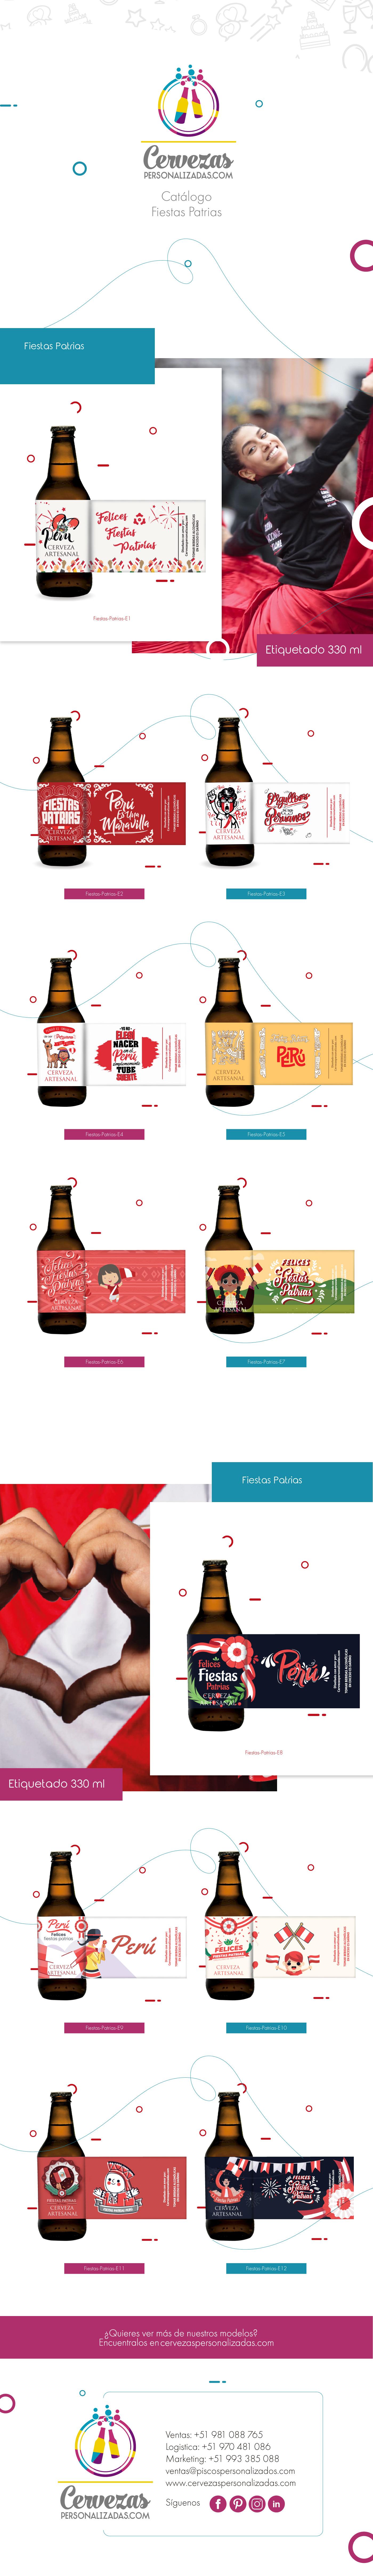 cervezas personalizadas regalos corporativos  regalos fiestas patrias regalos personalizados